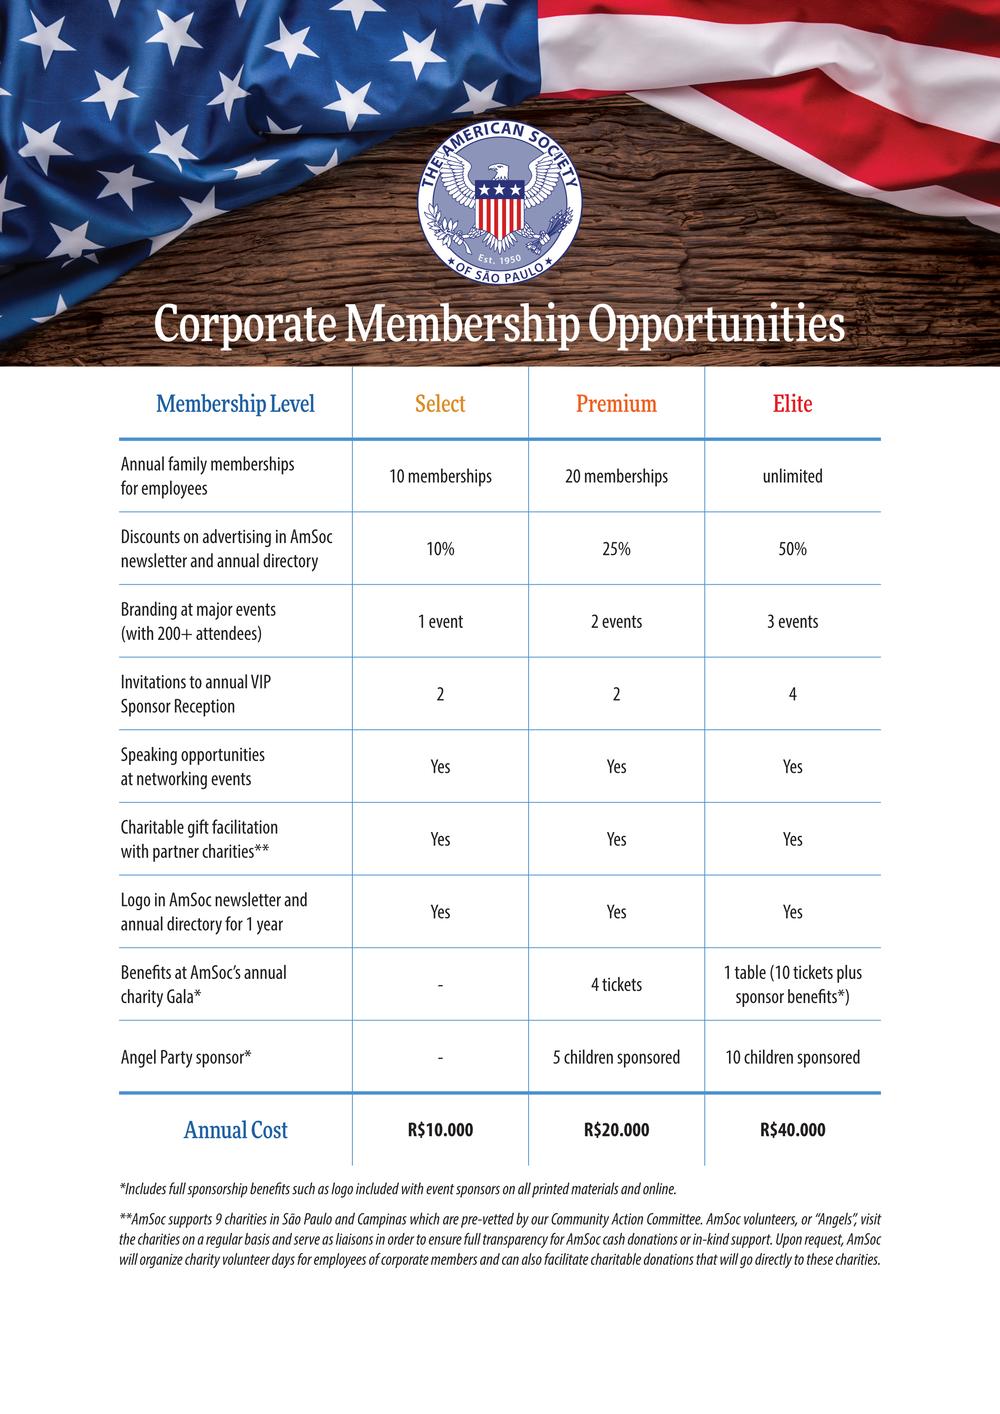 Corporate Membership whitepaper_1 (1).png